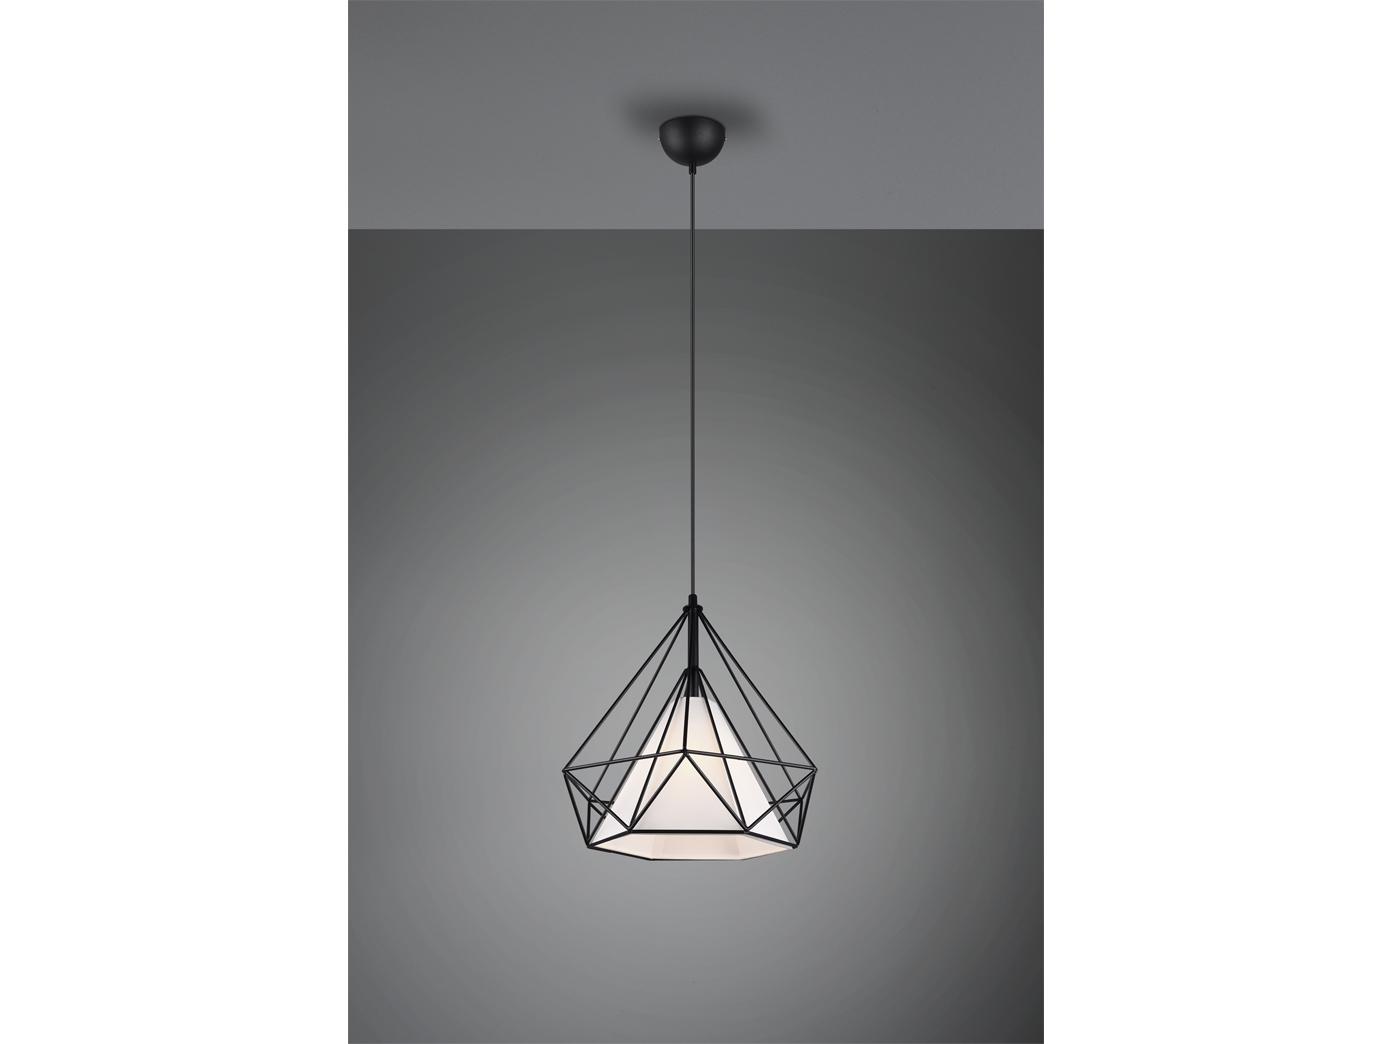 Full Size of 5ddf0f5d6fb2f Lampe Esstisch Lampen Badezimmer überwurf Sofa Hängelampe Wohnzimmer Schlafzimmer Wandlampe Deckenlampen Für Stehlampen Bad Led Küche Wohnzimmer Lampe über Kochinsel